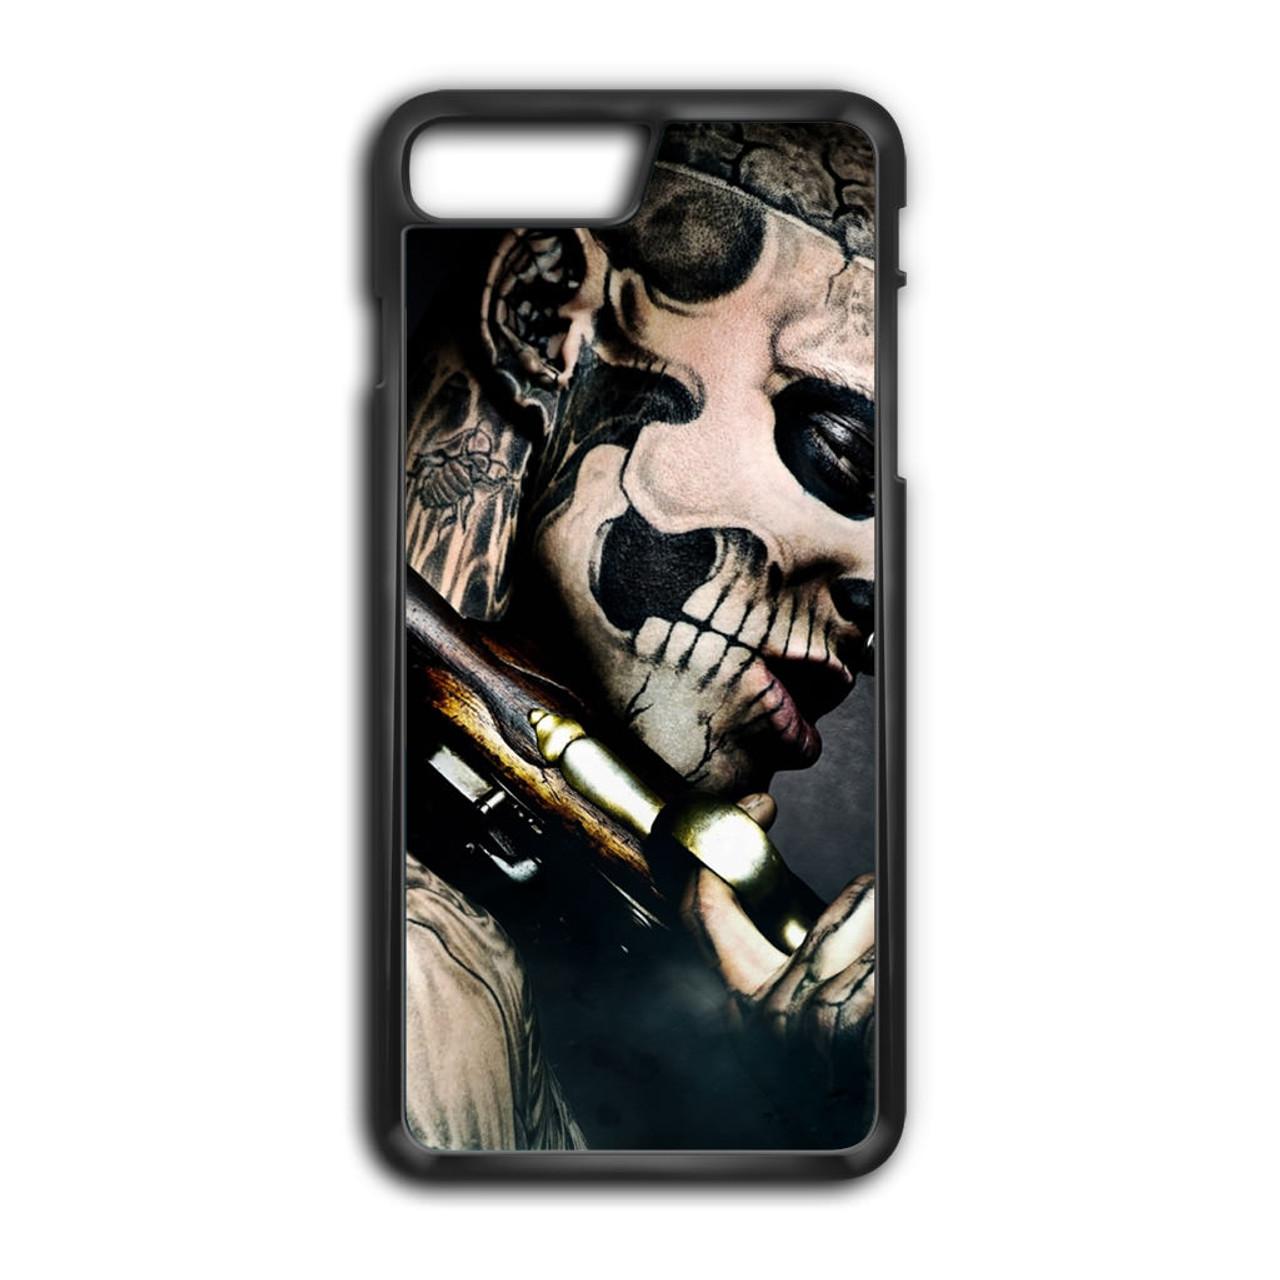 iphone 7 47 case